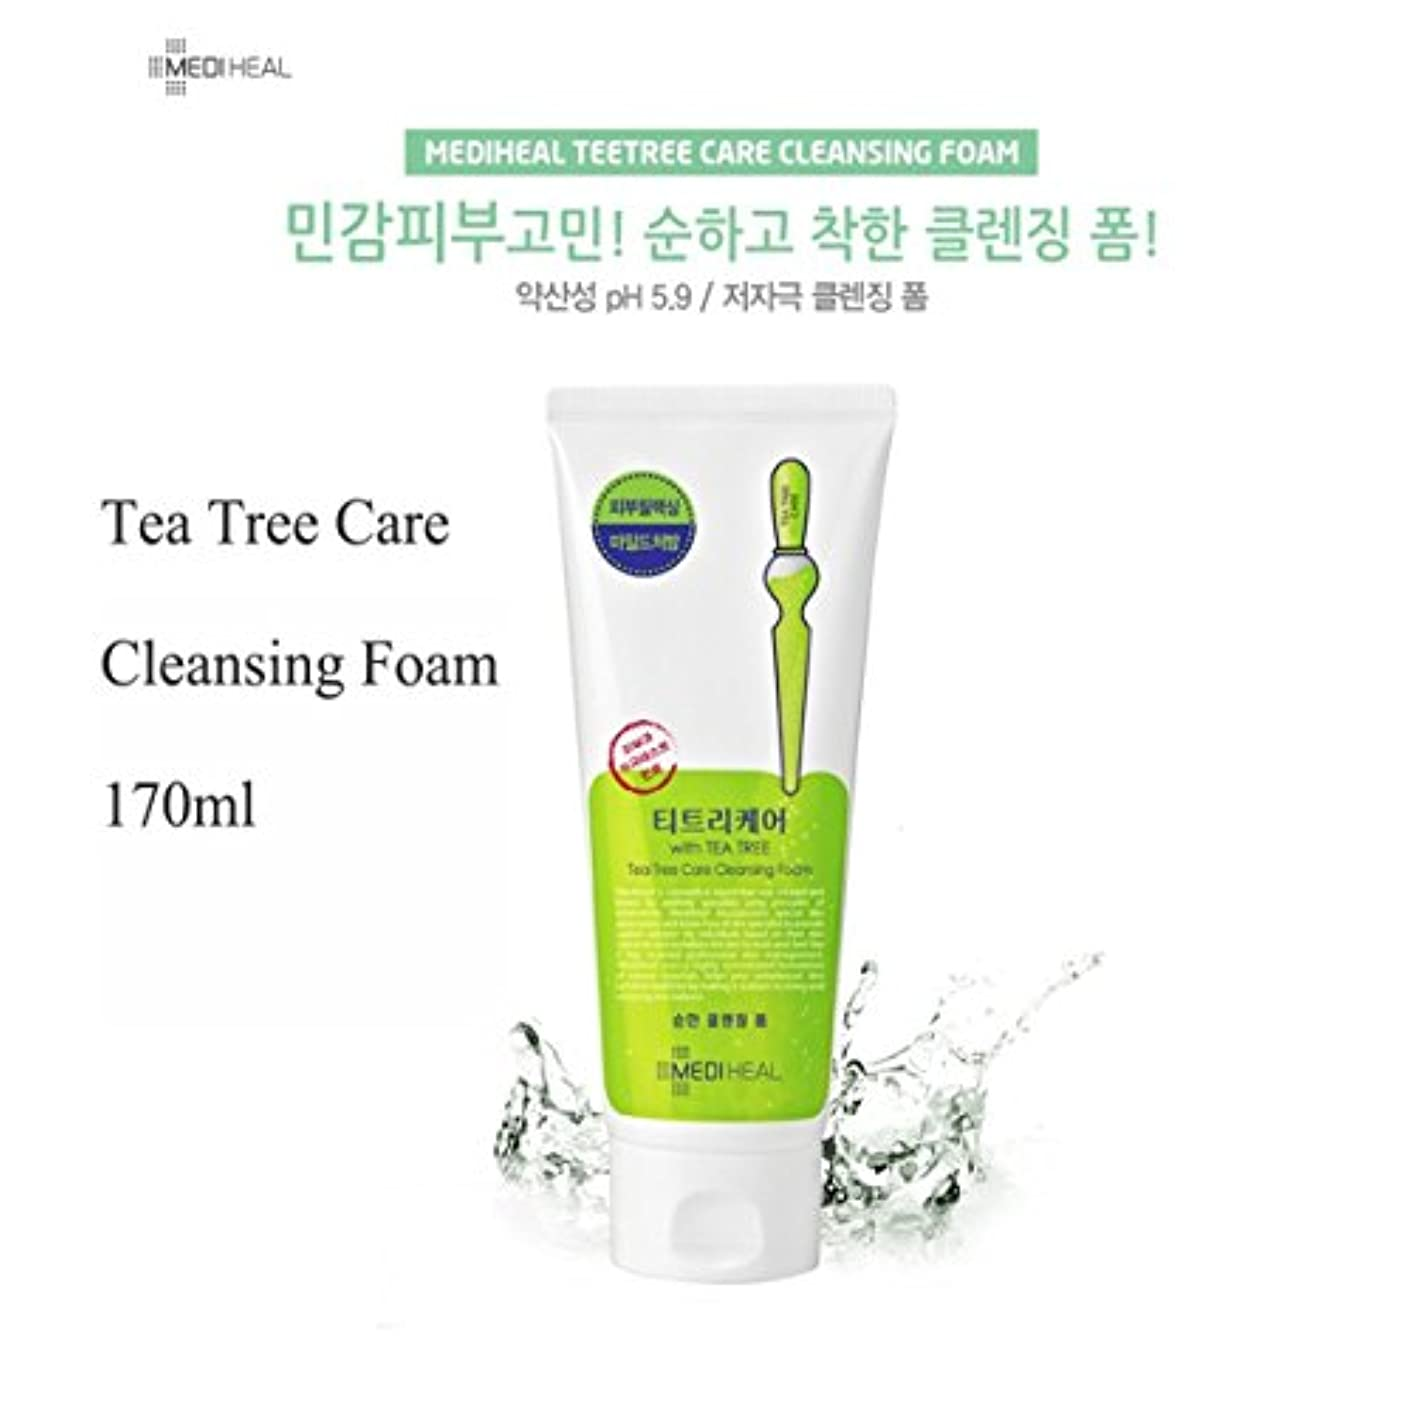 胆嚢消費する栄光MEDIHEAL Tea Tree Foam Cleansing 170ml/メディヒール ティー ツリー フォーム クレンジング 170ml